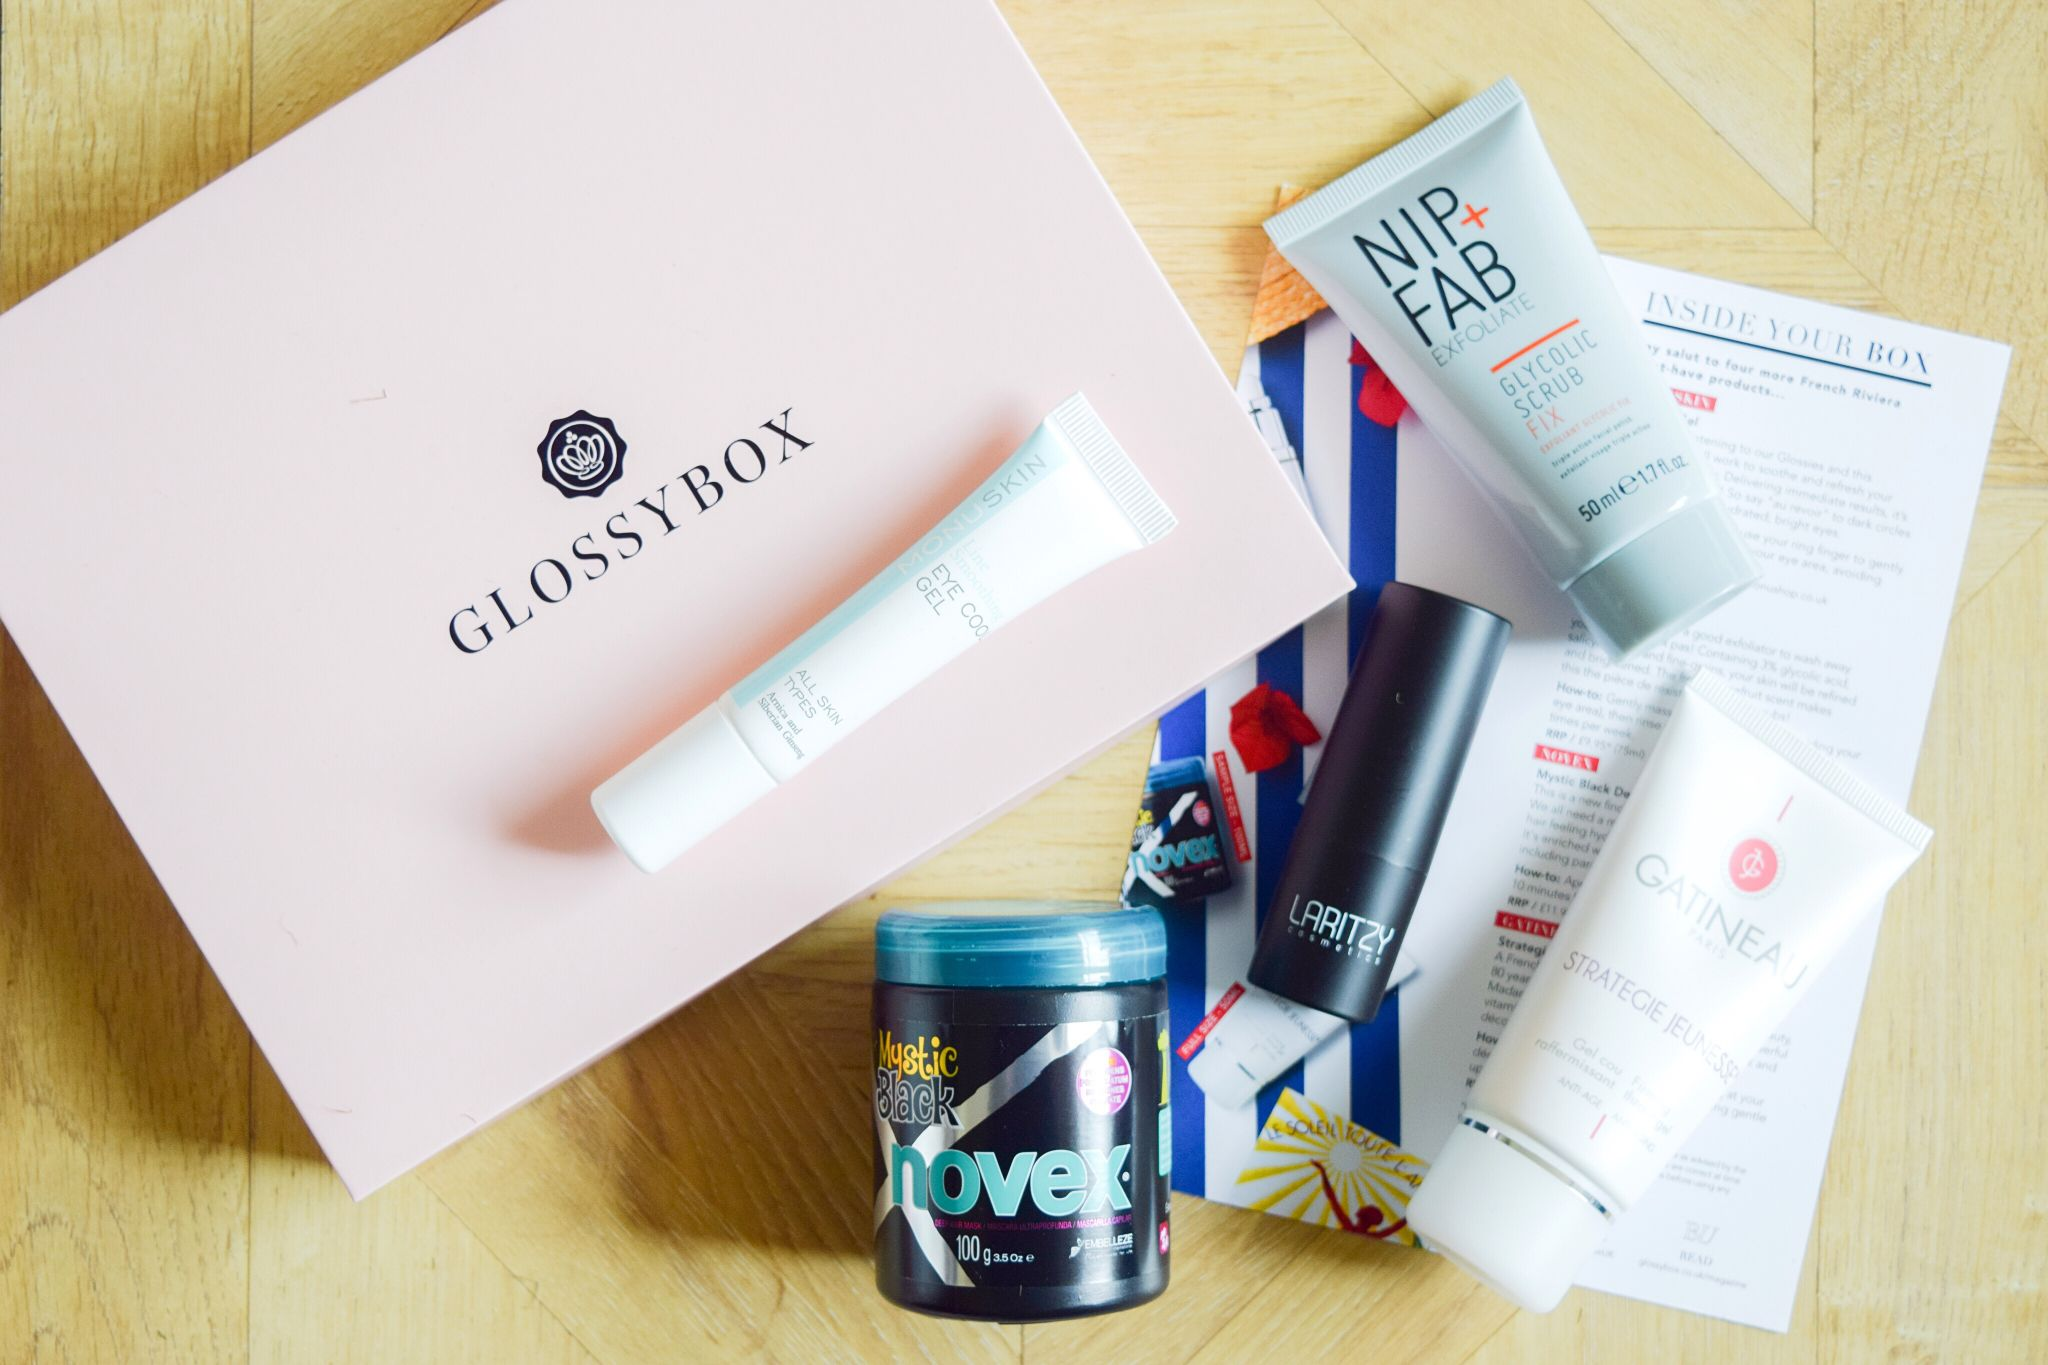 glossybox june 2018 box